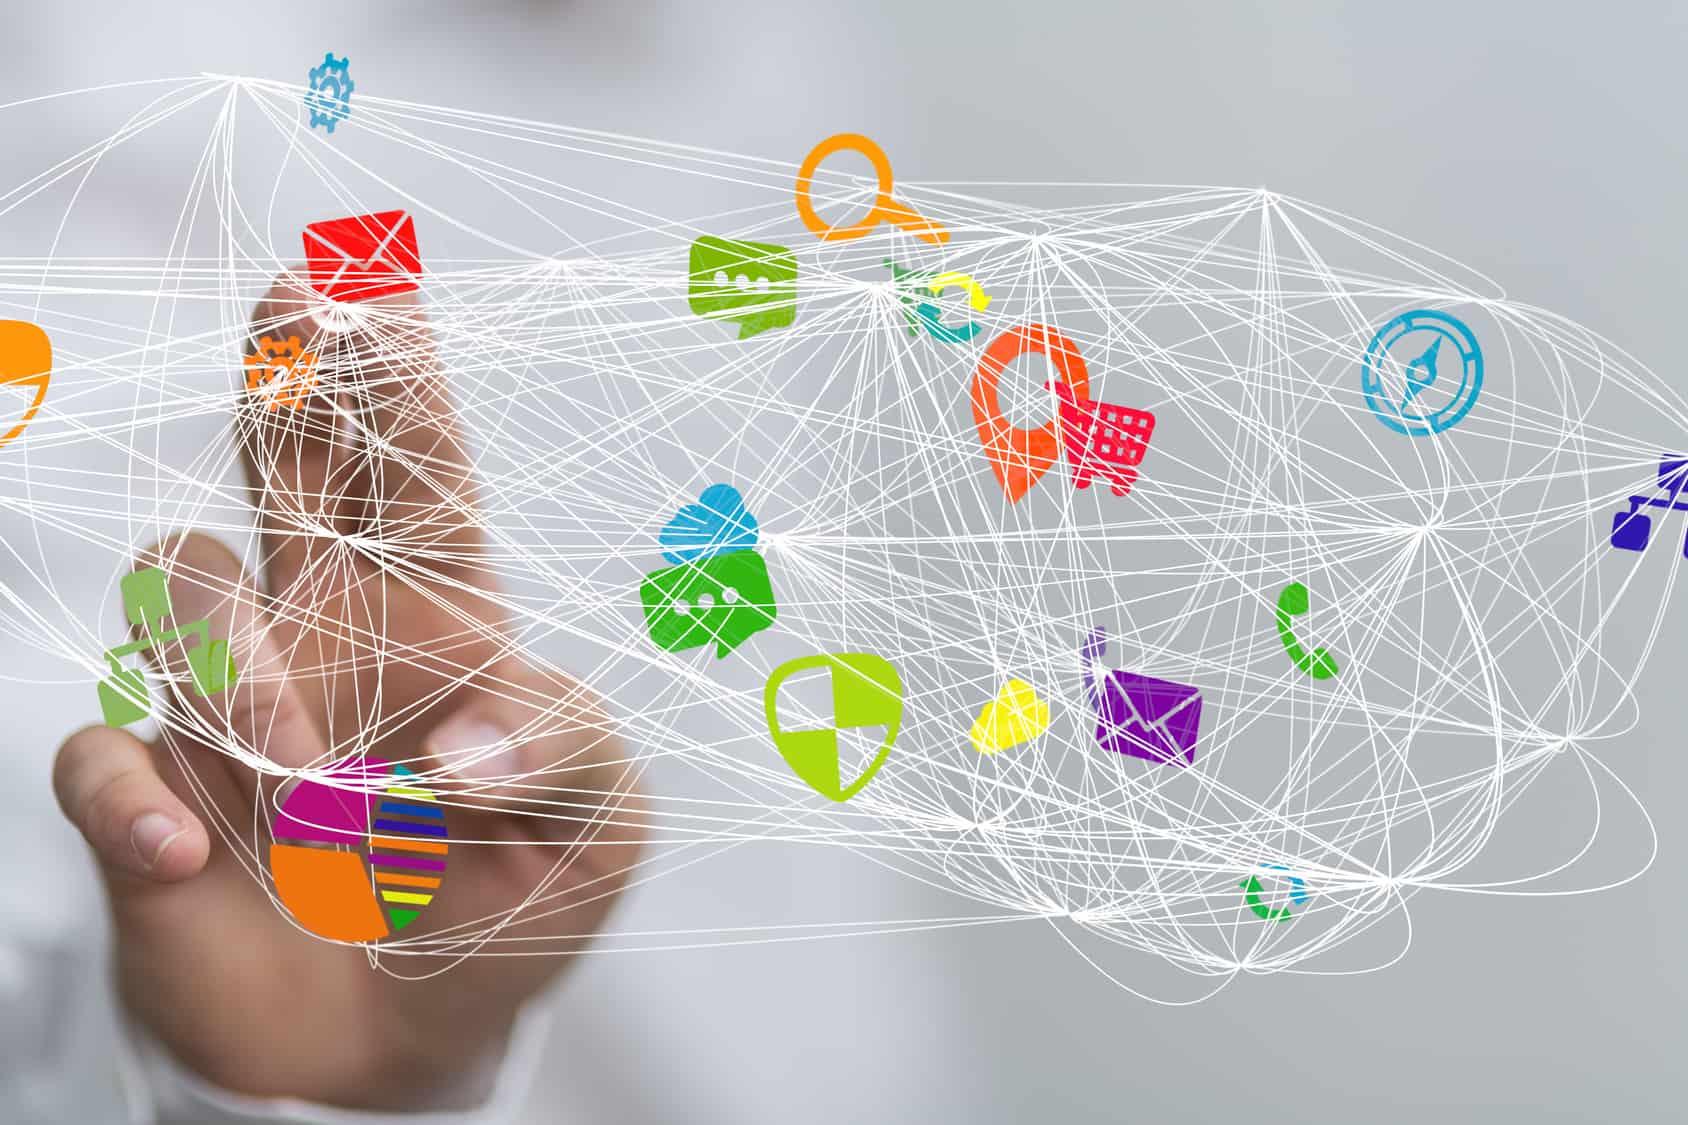 El BNDES presentó un estudio cuyo objetivo es delinear un plan de acción en torno al desarrollo del Internet de la Cosas.